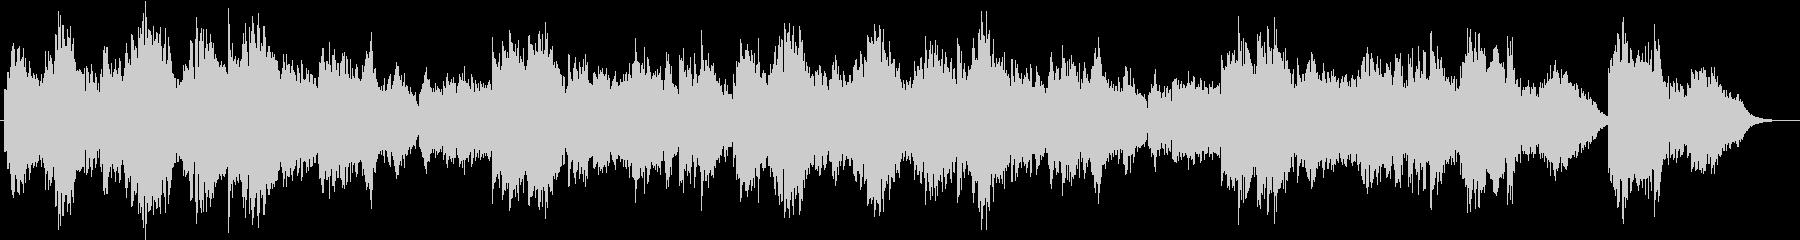 穏やかな内向的の雰囲気 ピアノのバラードの未再生の波形